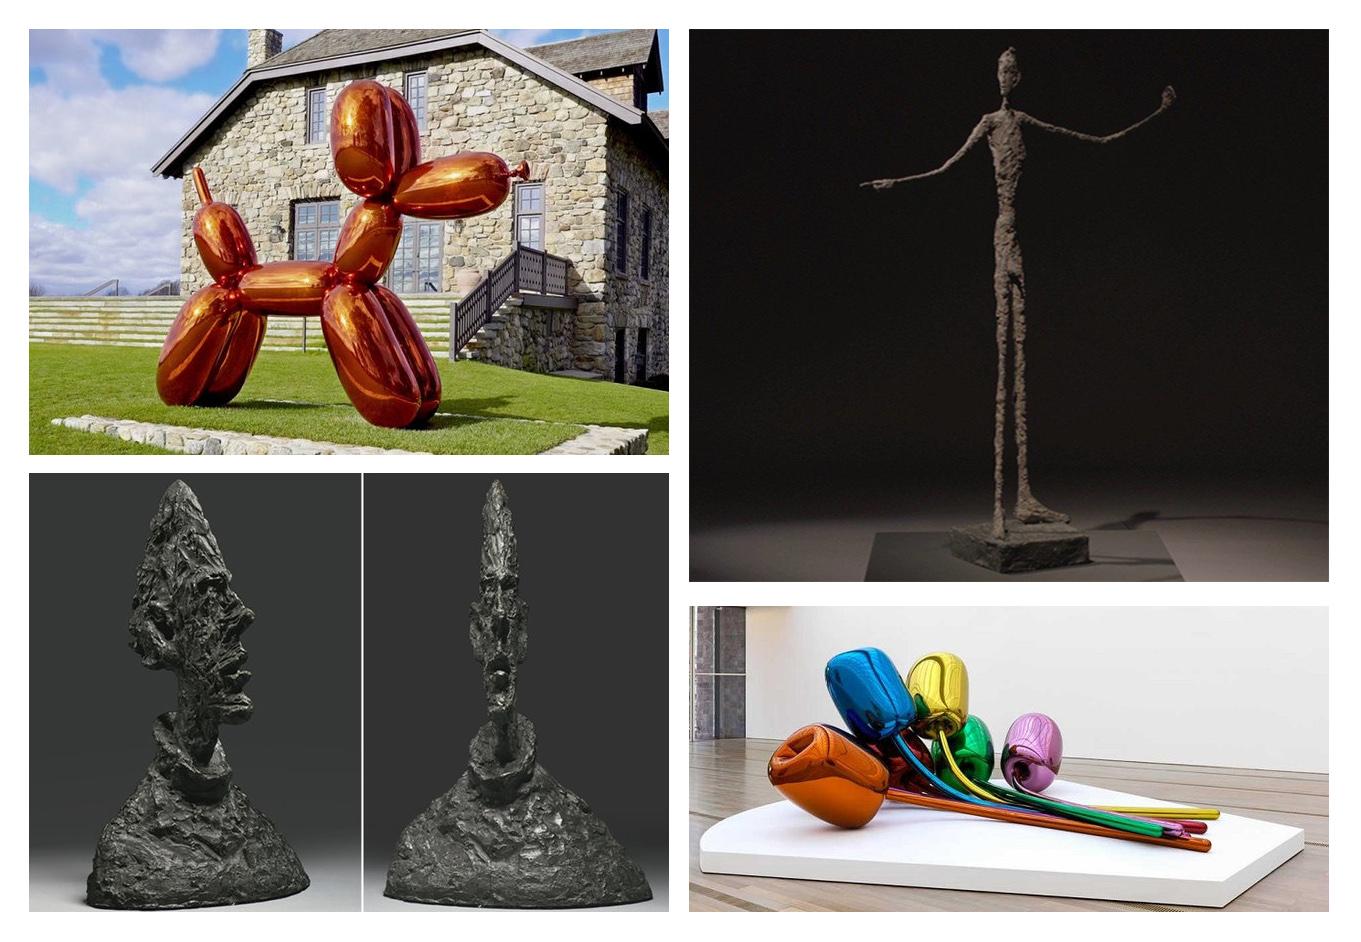 نگاهی به گرانترین مجسمههای فروخته شده در عالم هنر